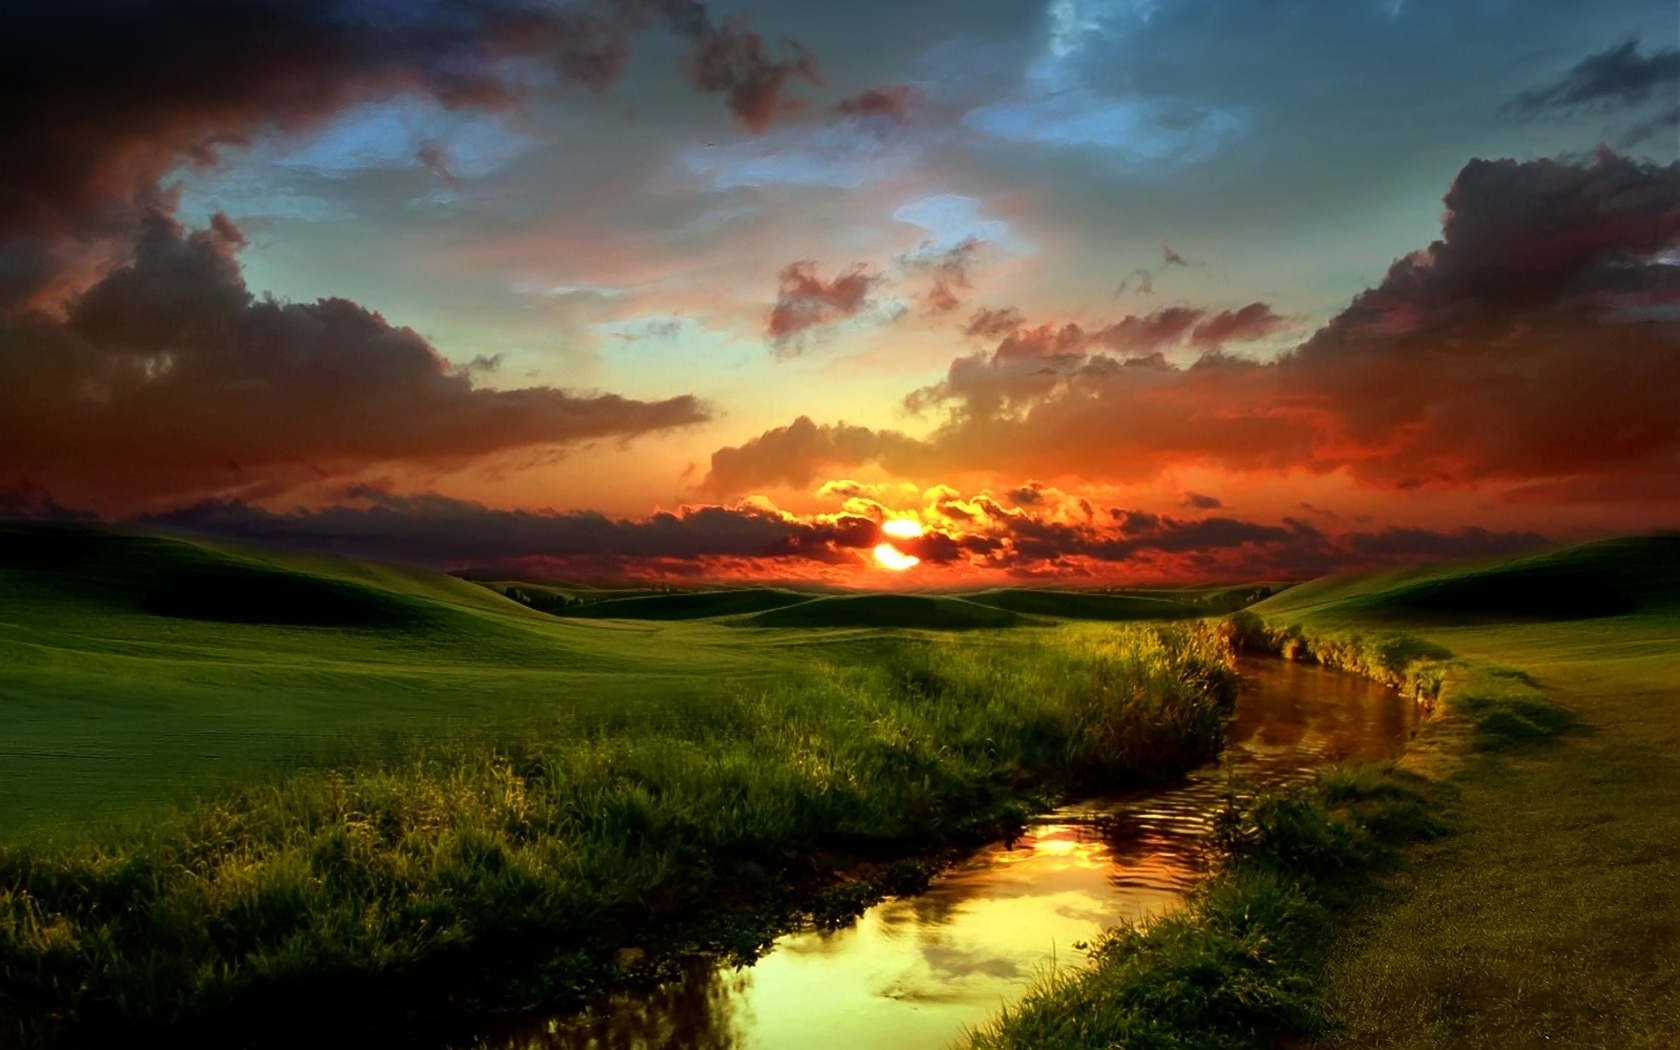 8002 Hintergrundbild herunterladen Landschaft, Flüsse, Sunset, Grass, Sky, Fotokunst, Clouds - Bildschirmschoner und Bilder kostenlos